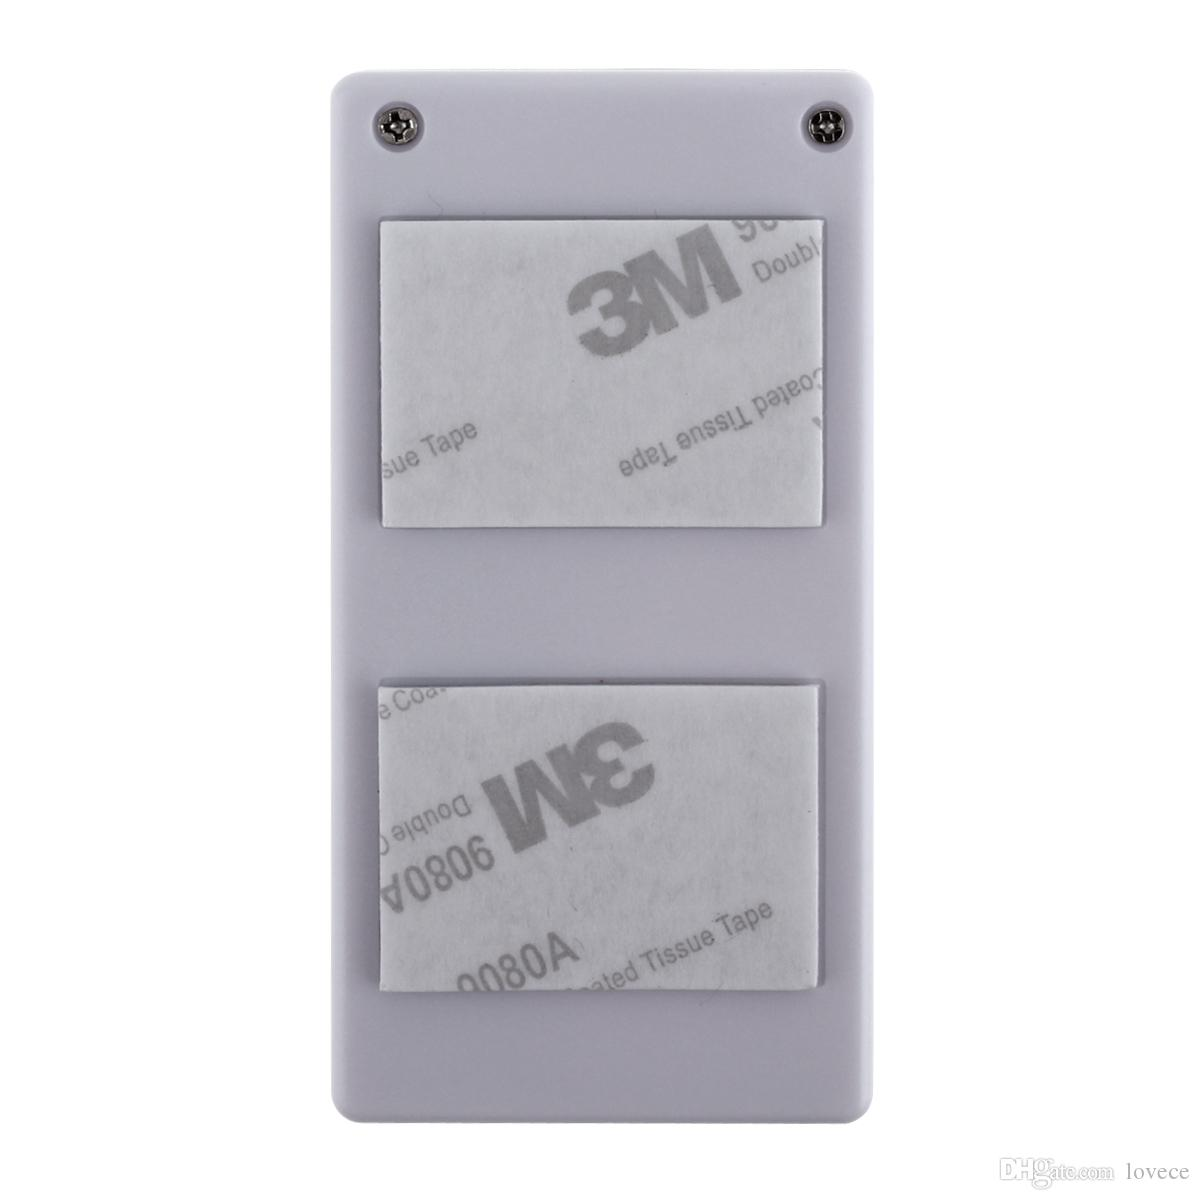 Home Security Door Window Sirena Sensore magnetico Allarme Sistema di allarme Rilevatore porta telecomando senza fili Antifurto SAM_402